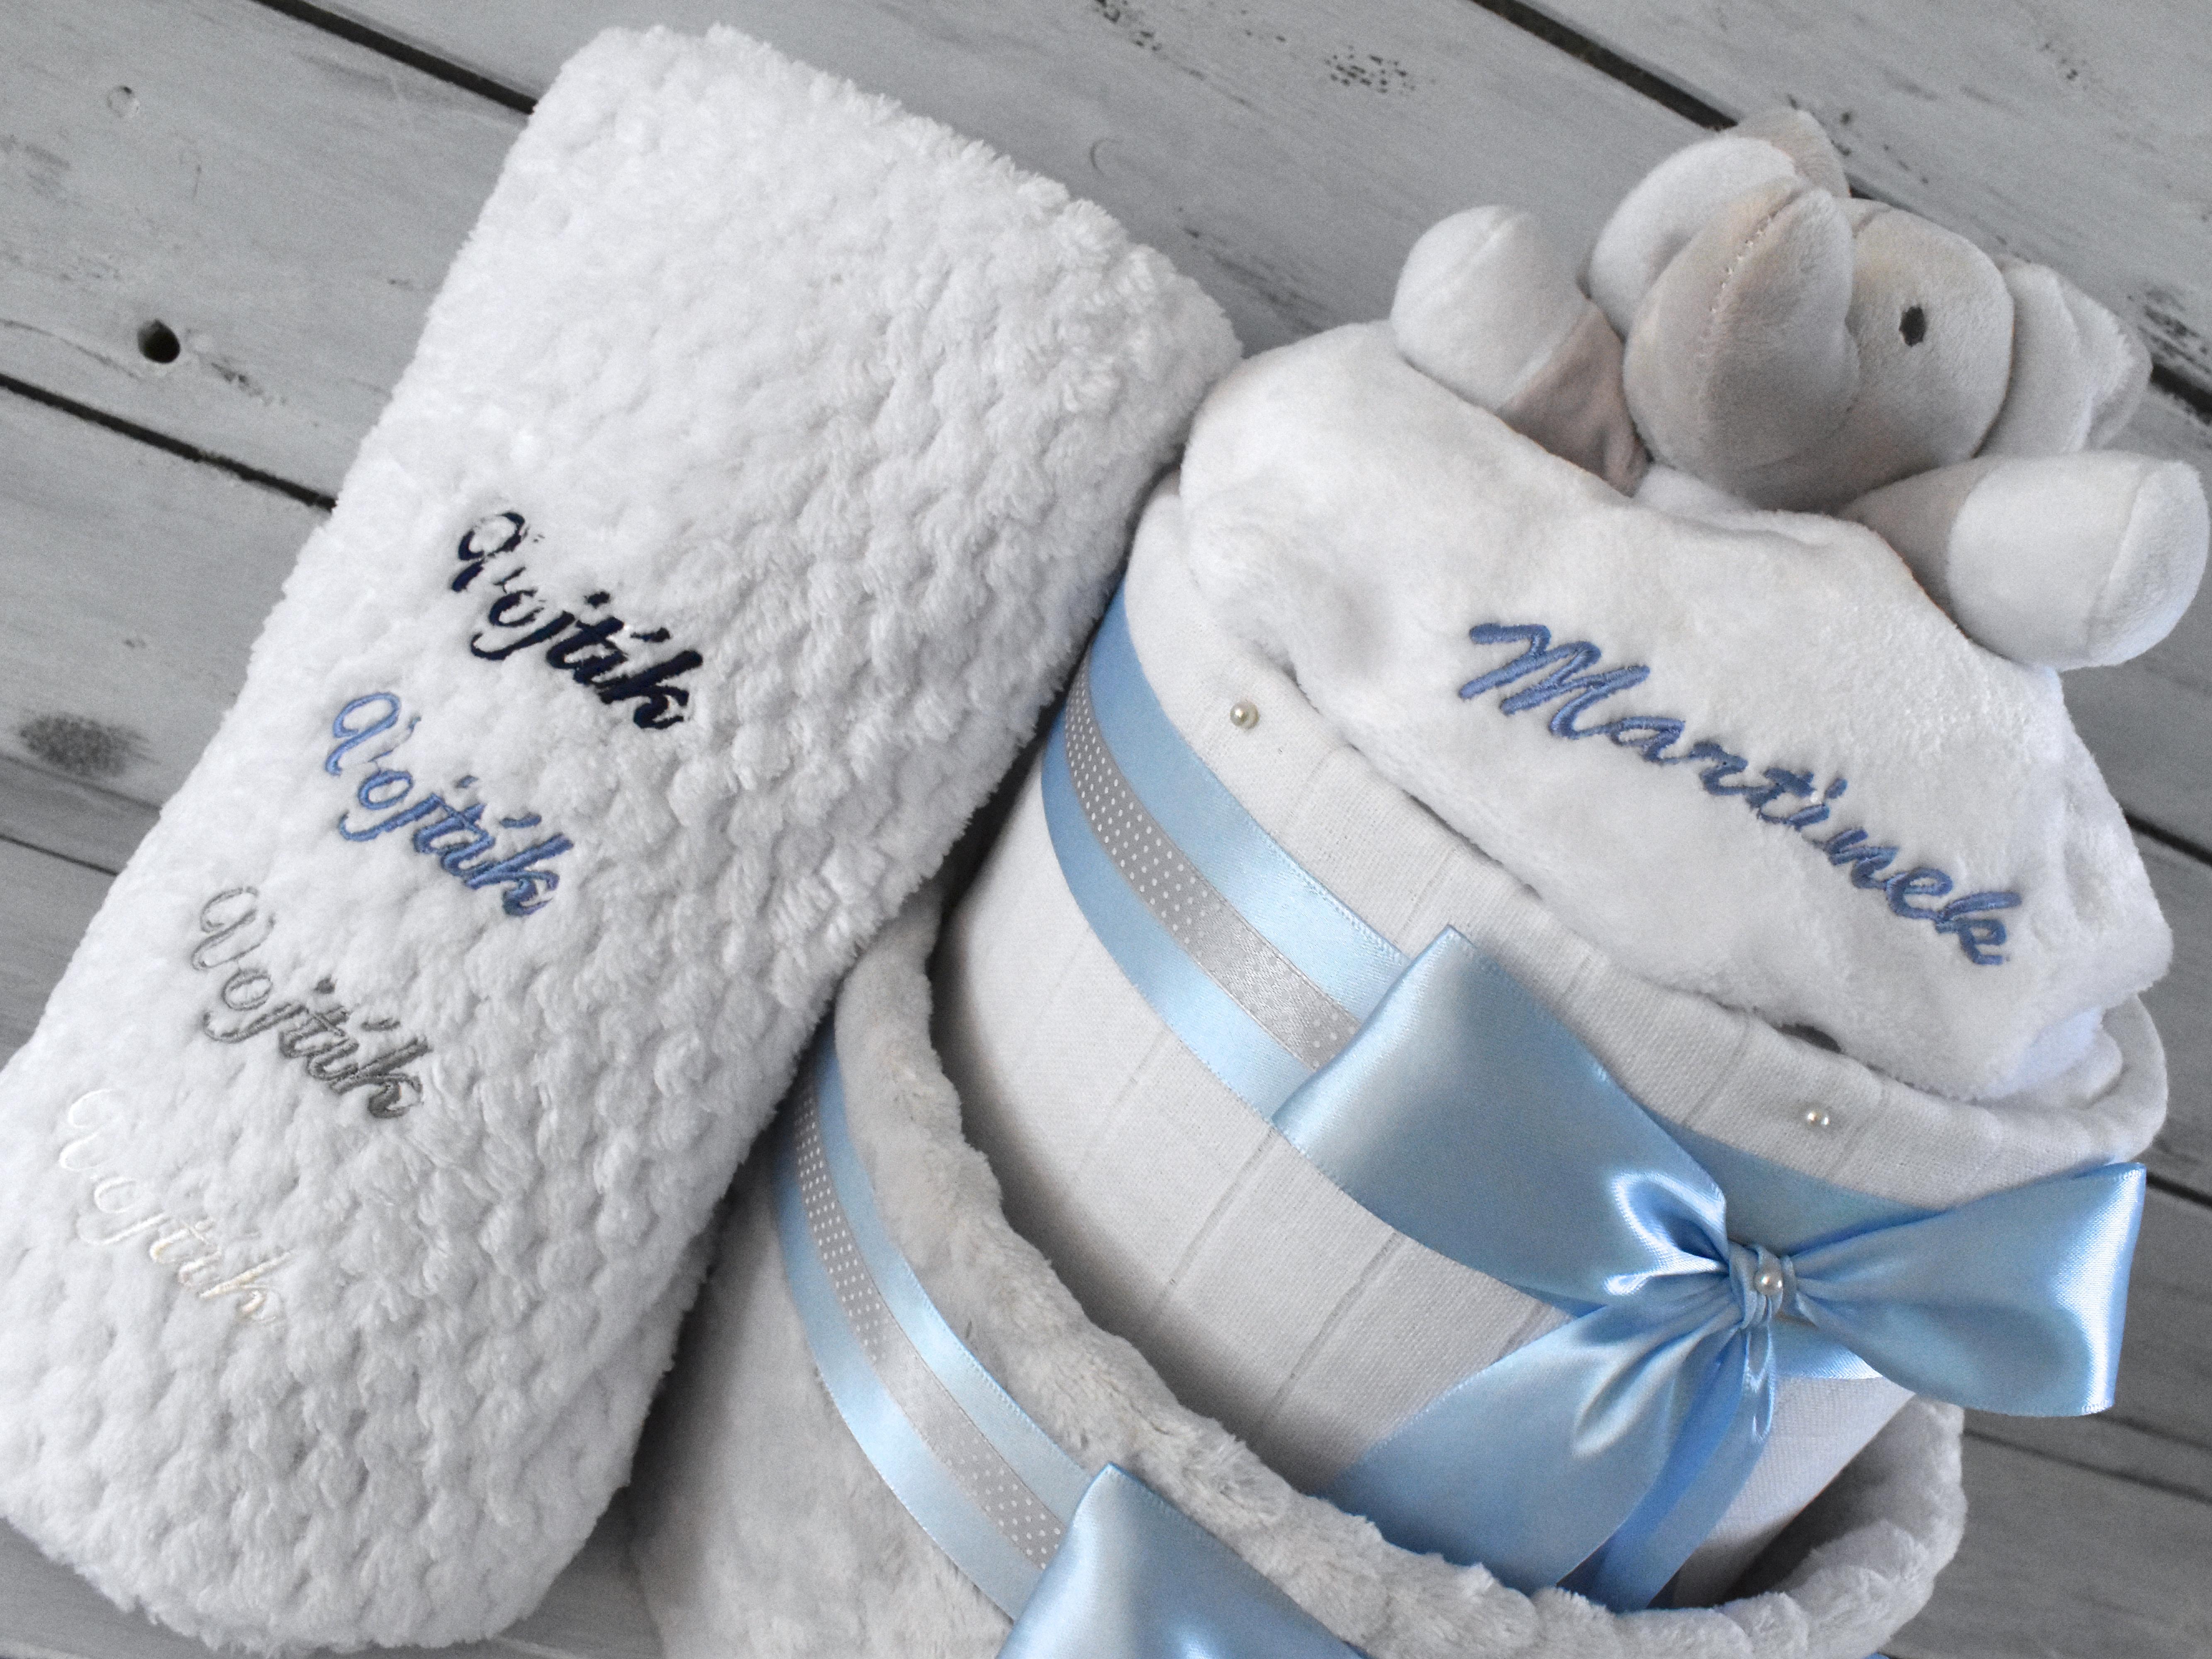 Velká novinka - možnost vyšití jména na ručník, deku nebo hračku